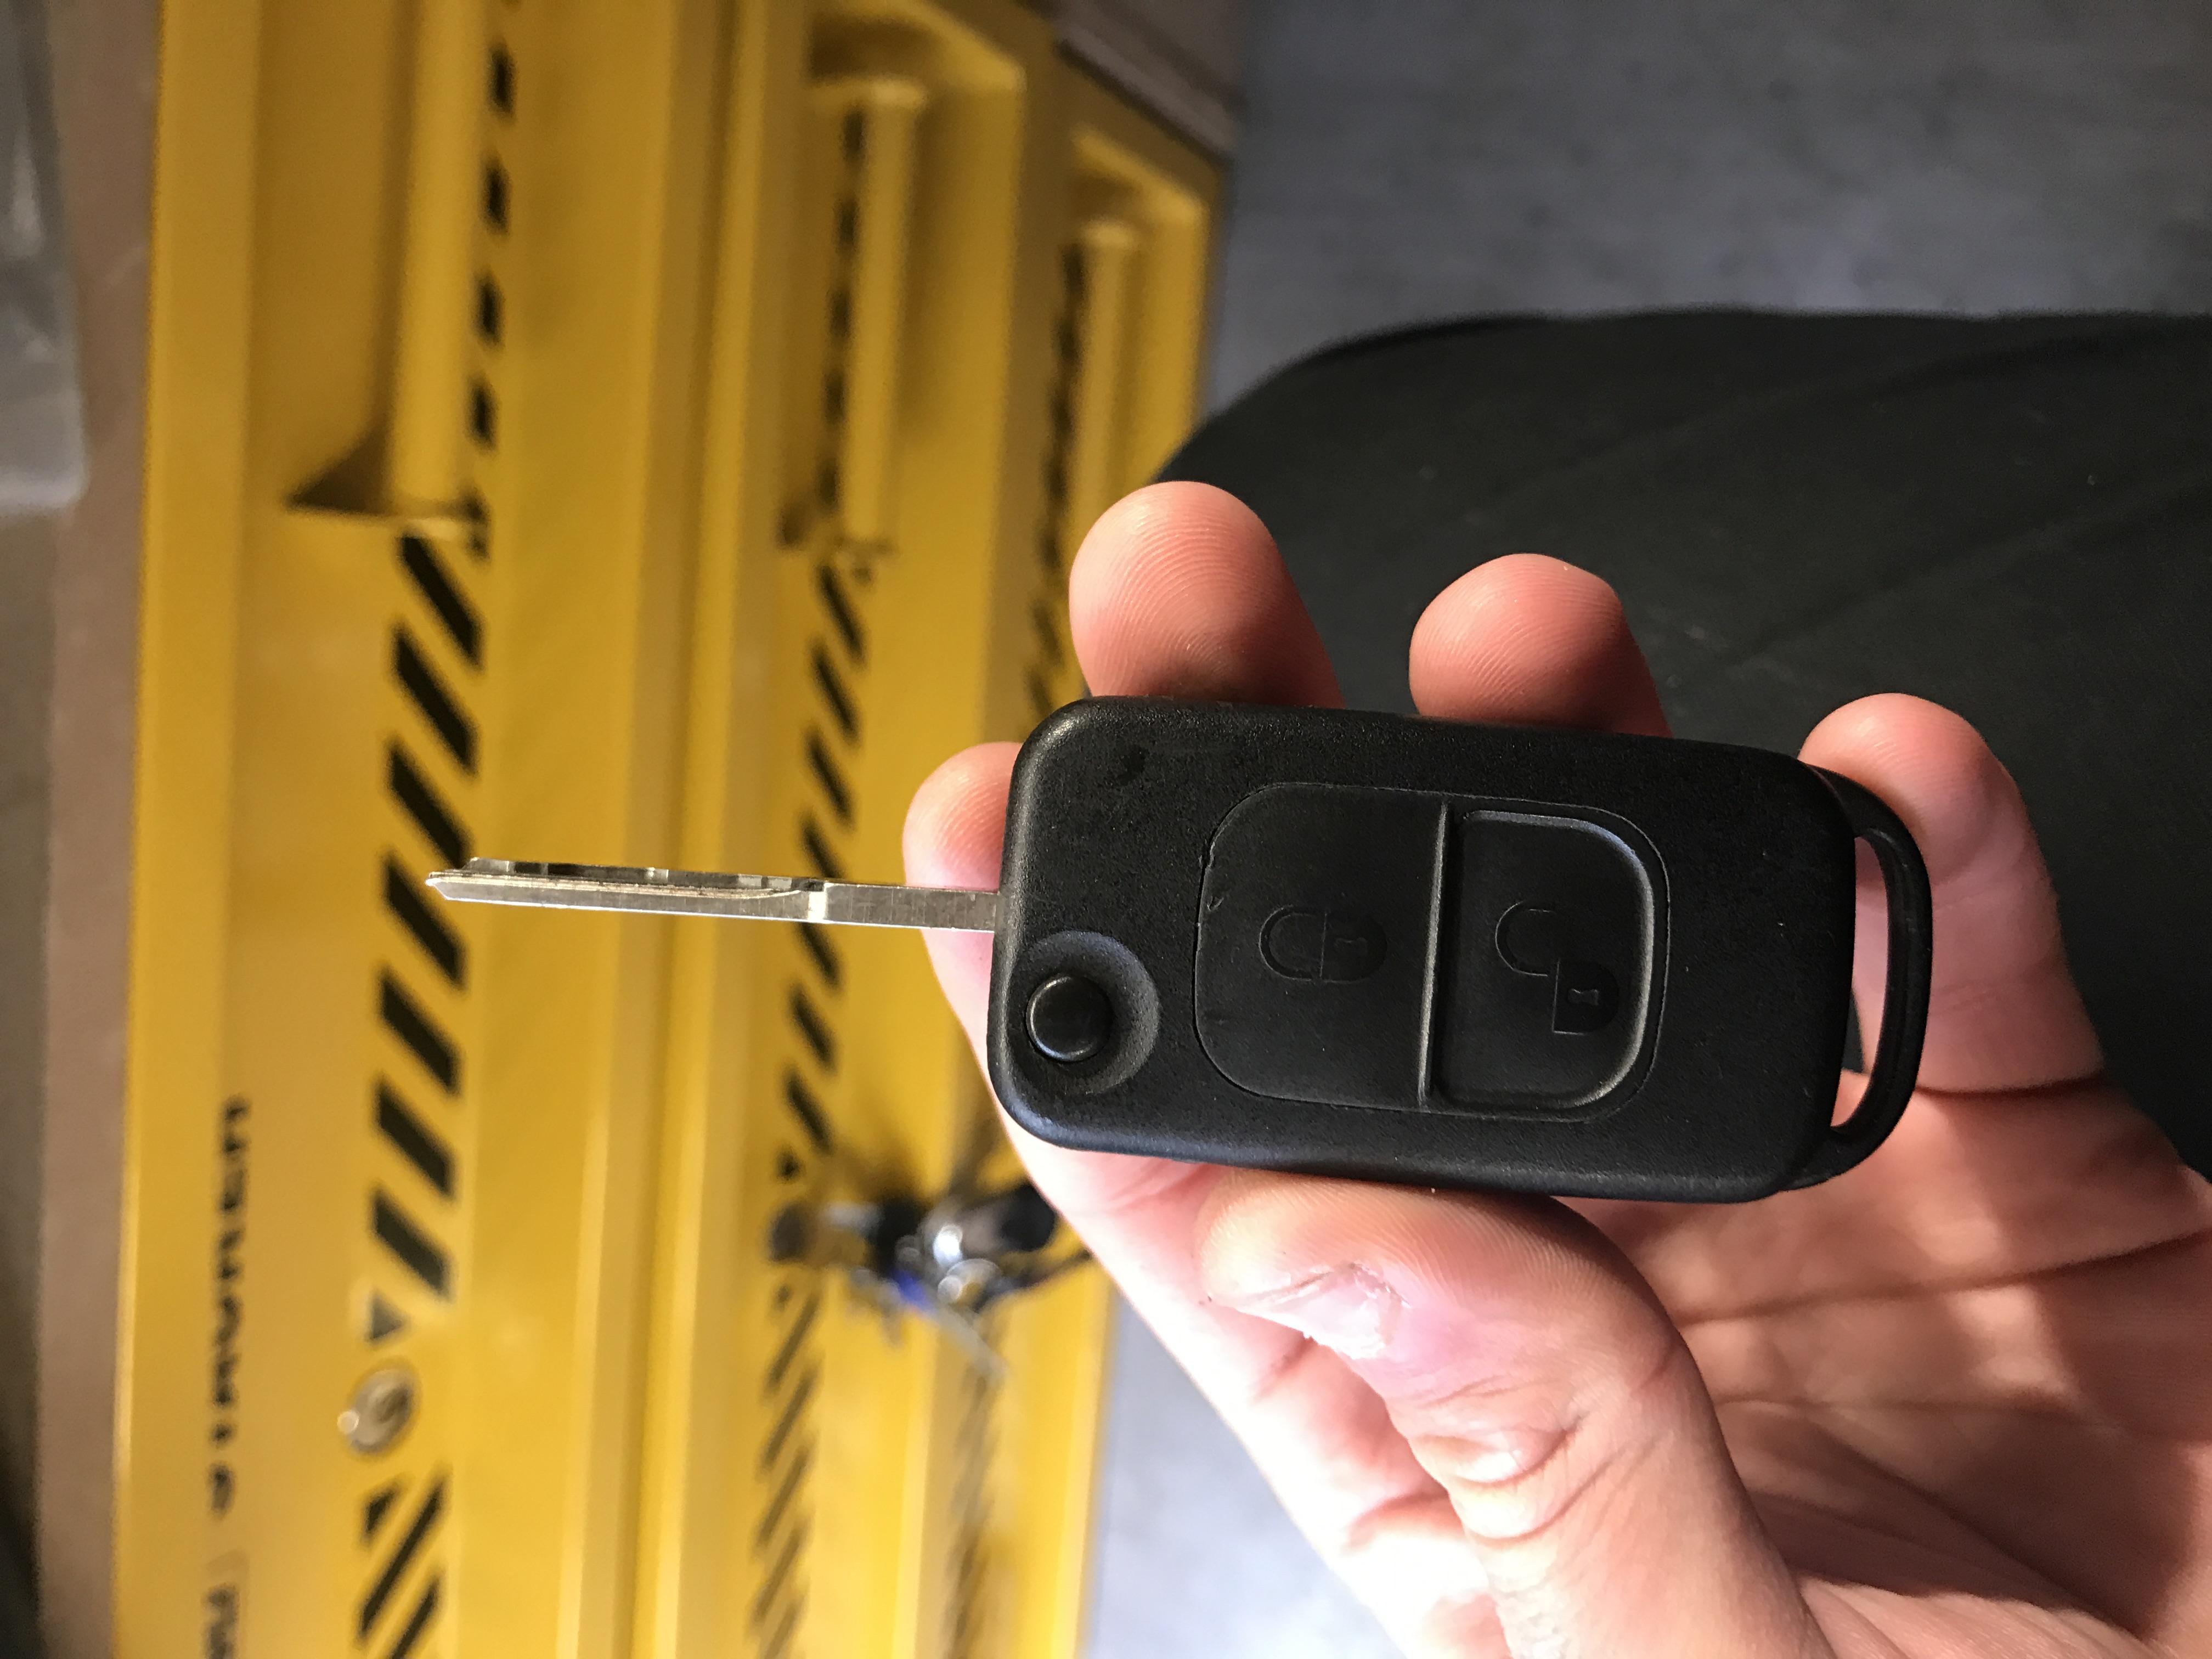 Older Mercedes flip keys